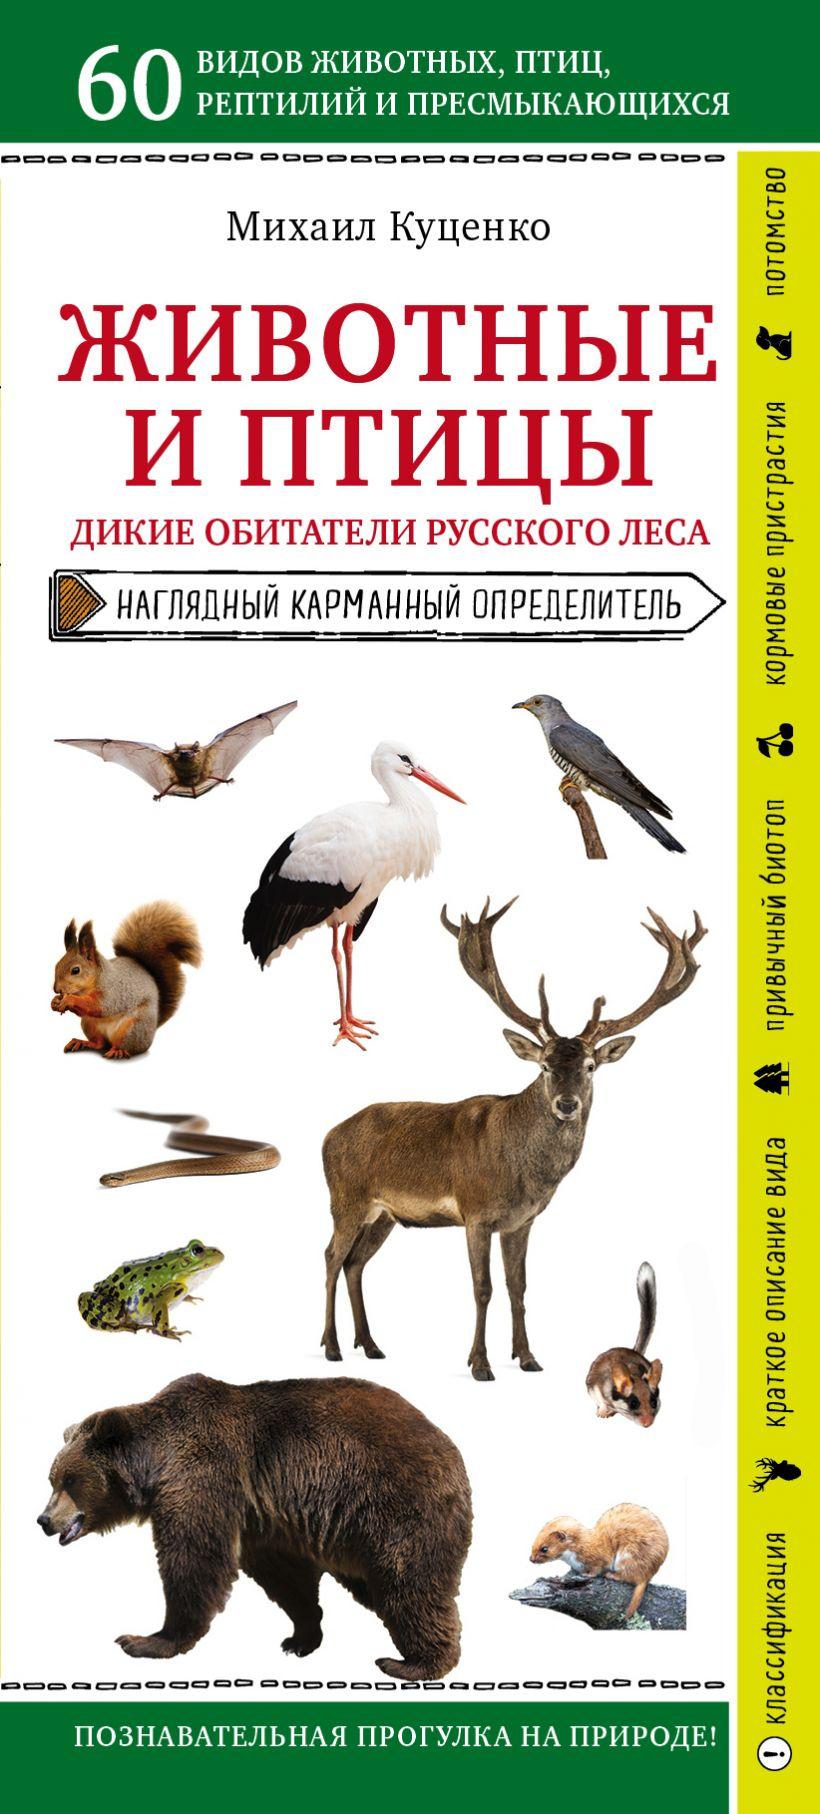 Животные и птицы. Дикие обитатели русского леса